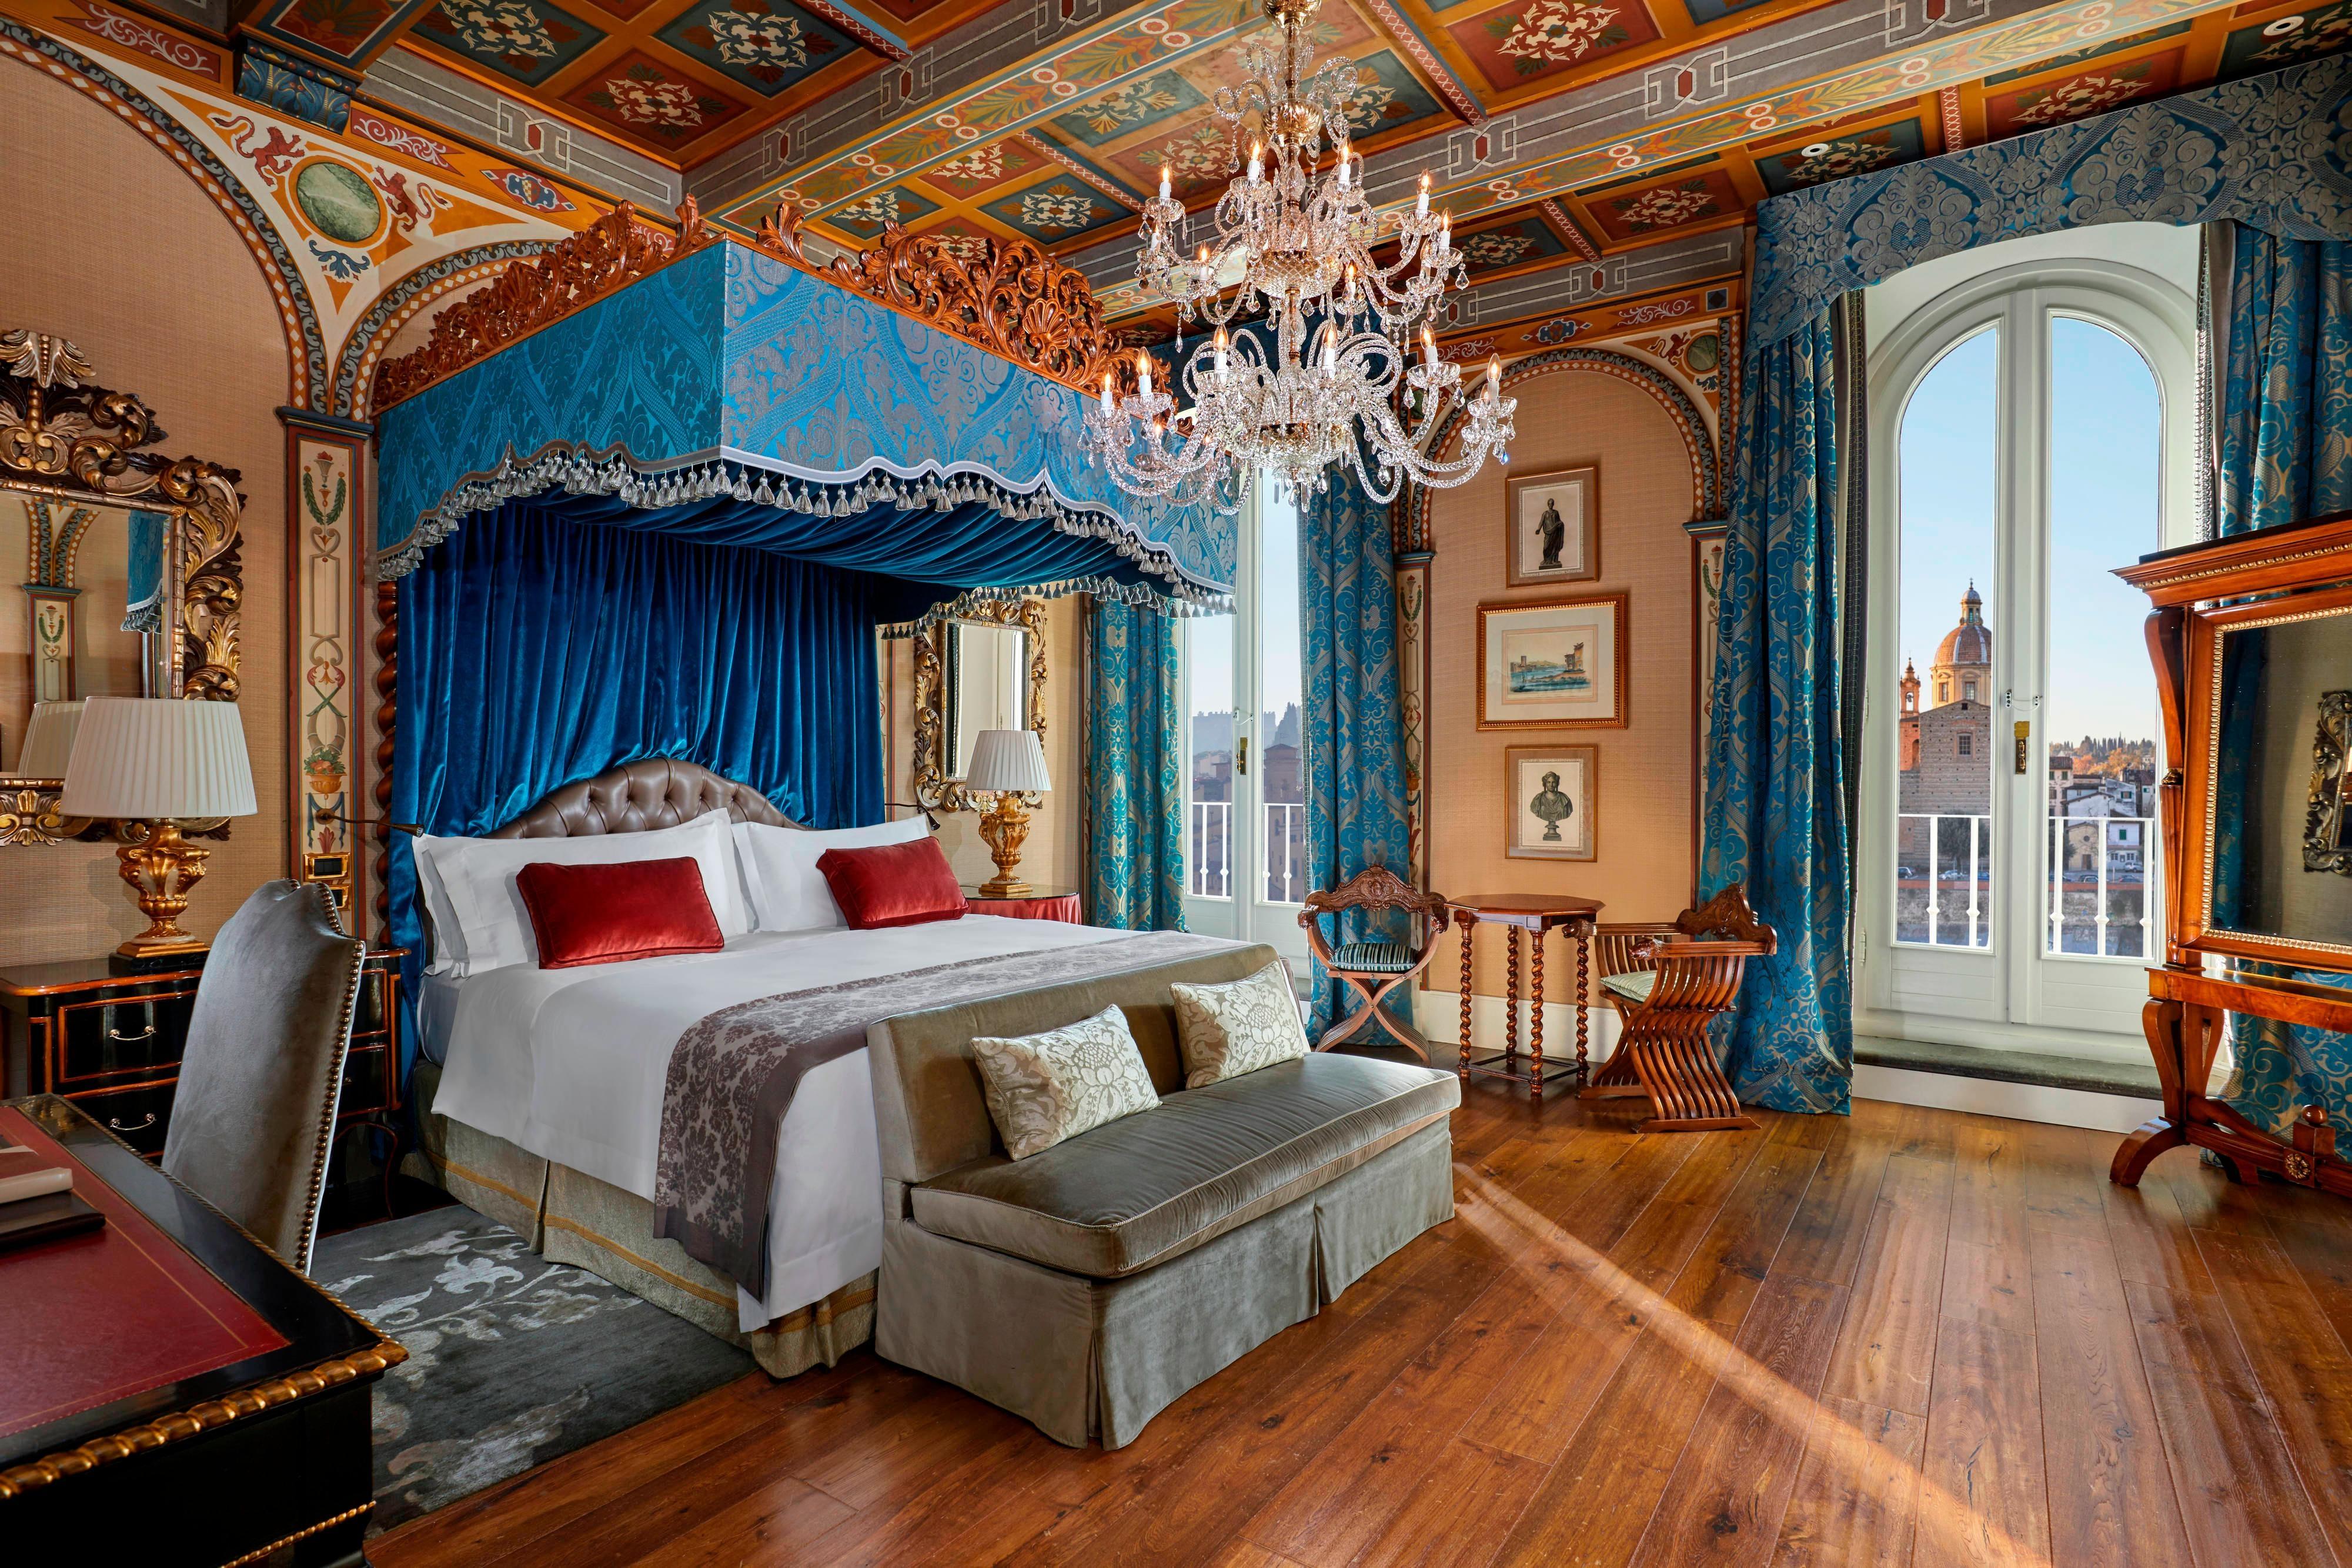 Royal Suite Gioconda Bedroom - Renaissance style